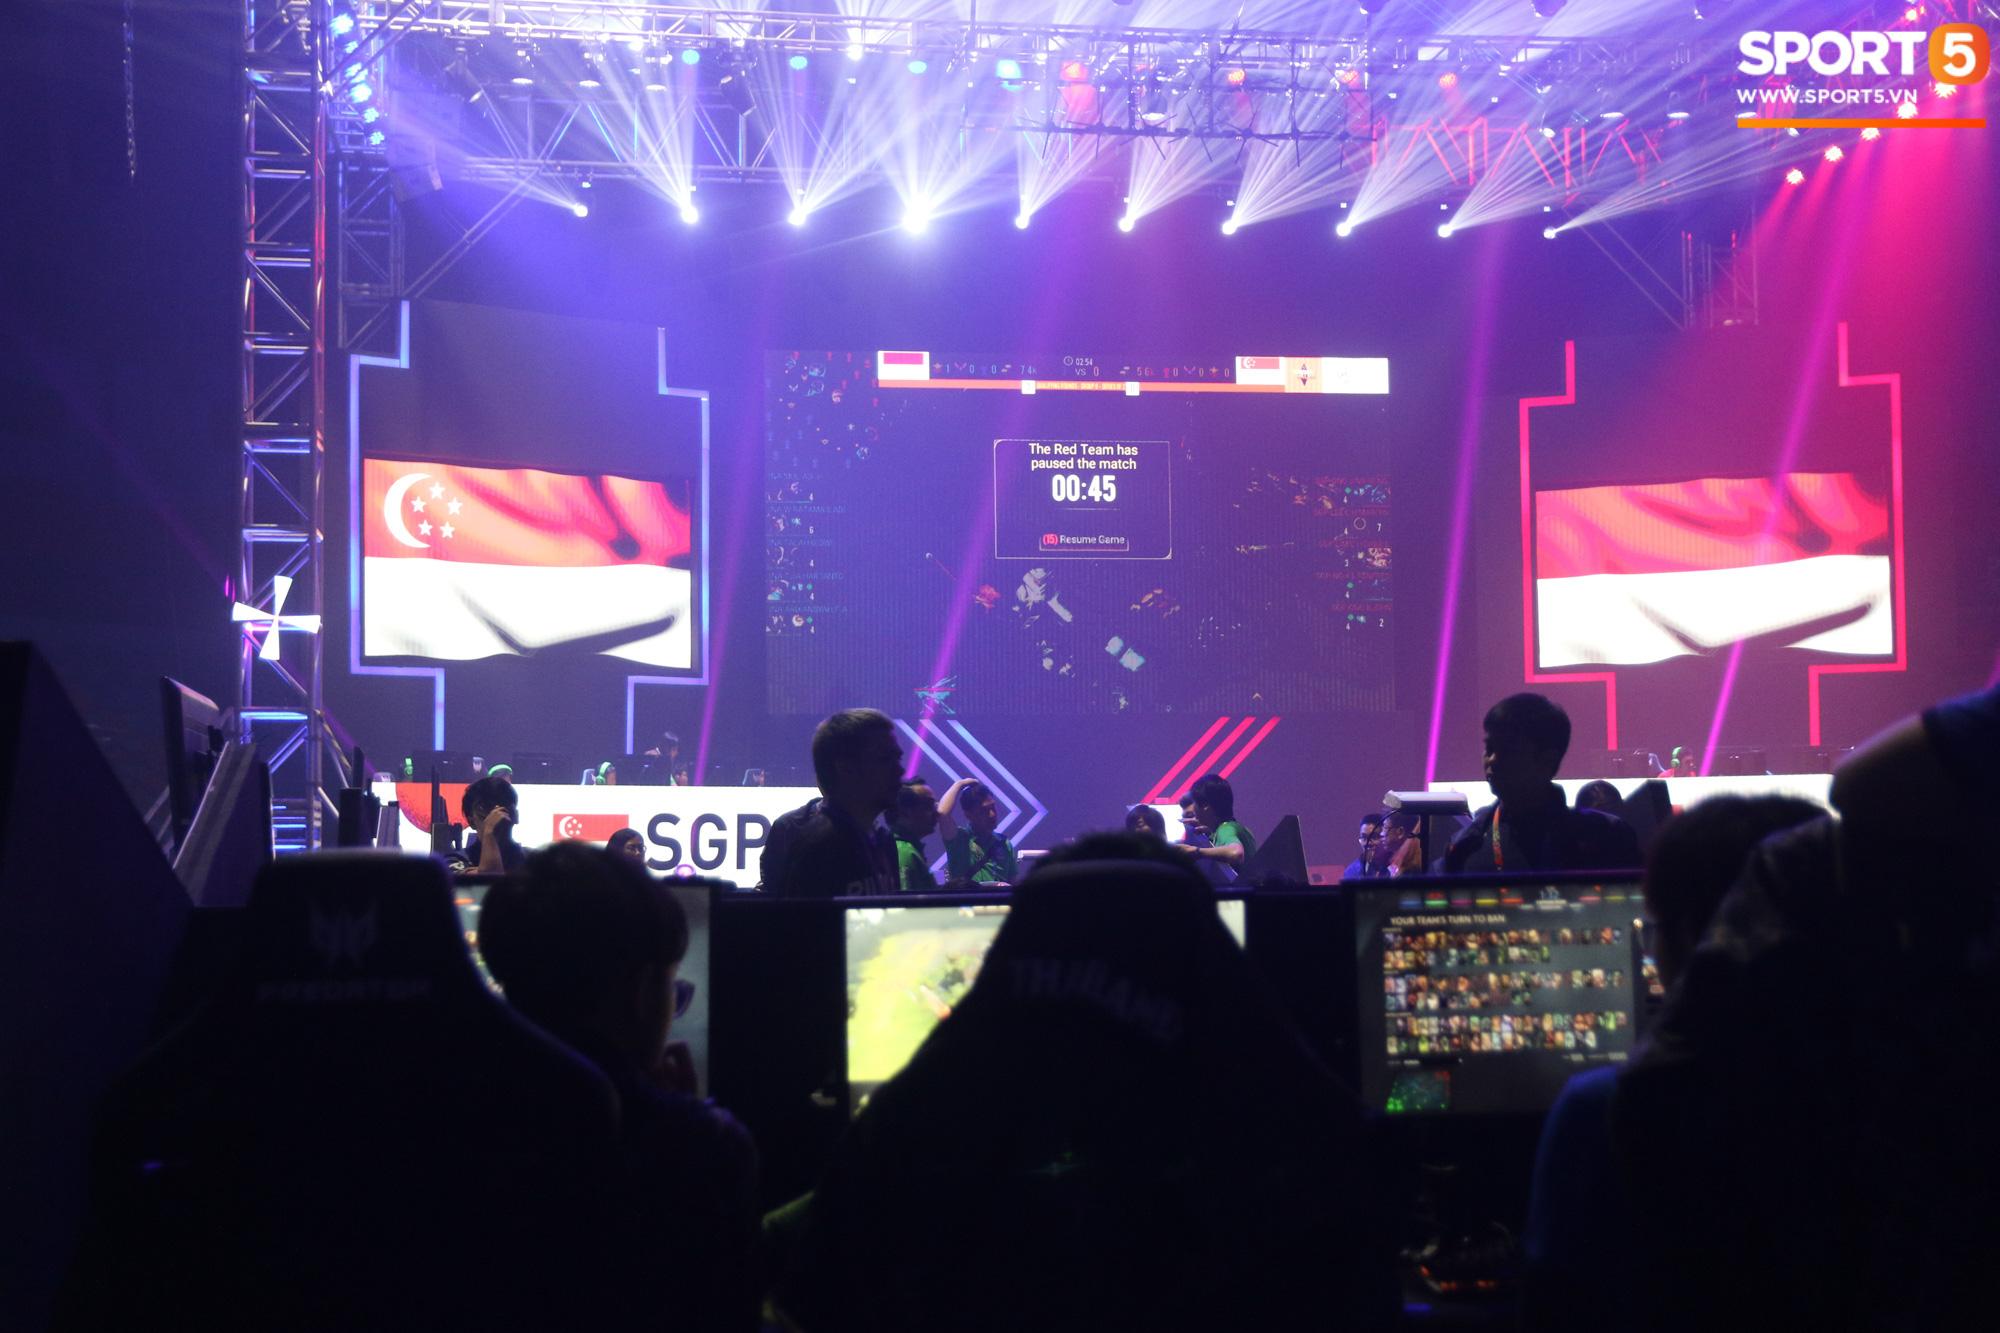 Ngày thi đấu thứ 3 của Esports tại SEA Games 30: Tưởng yên ổn nhưng chủ nhà lại khiến VĐV Việt Nam đau đầu vì sự cố mất mạng, sập nguồn - Ảnh 9.